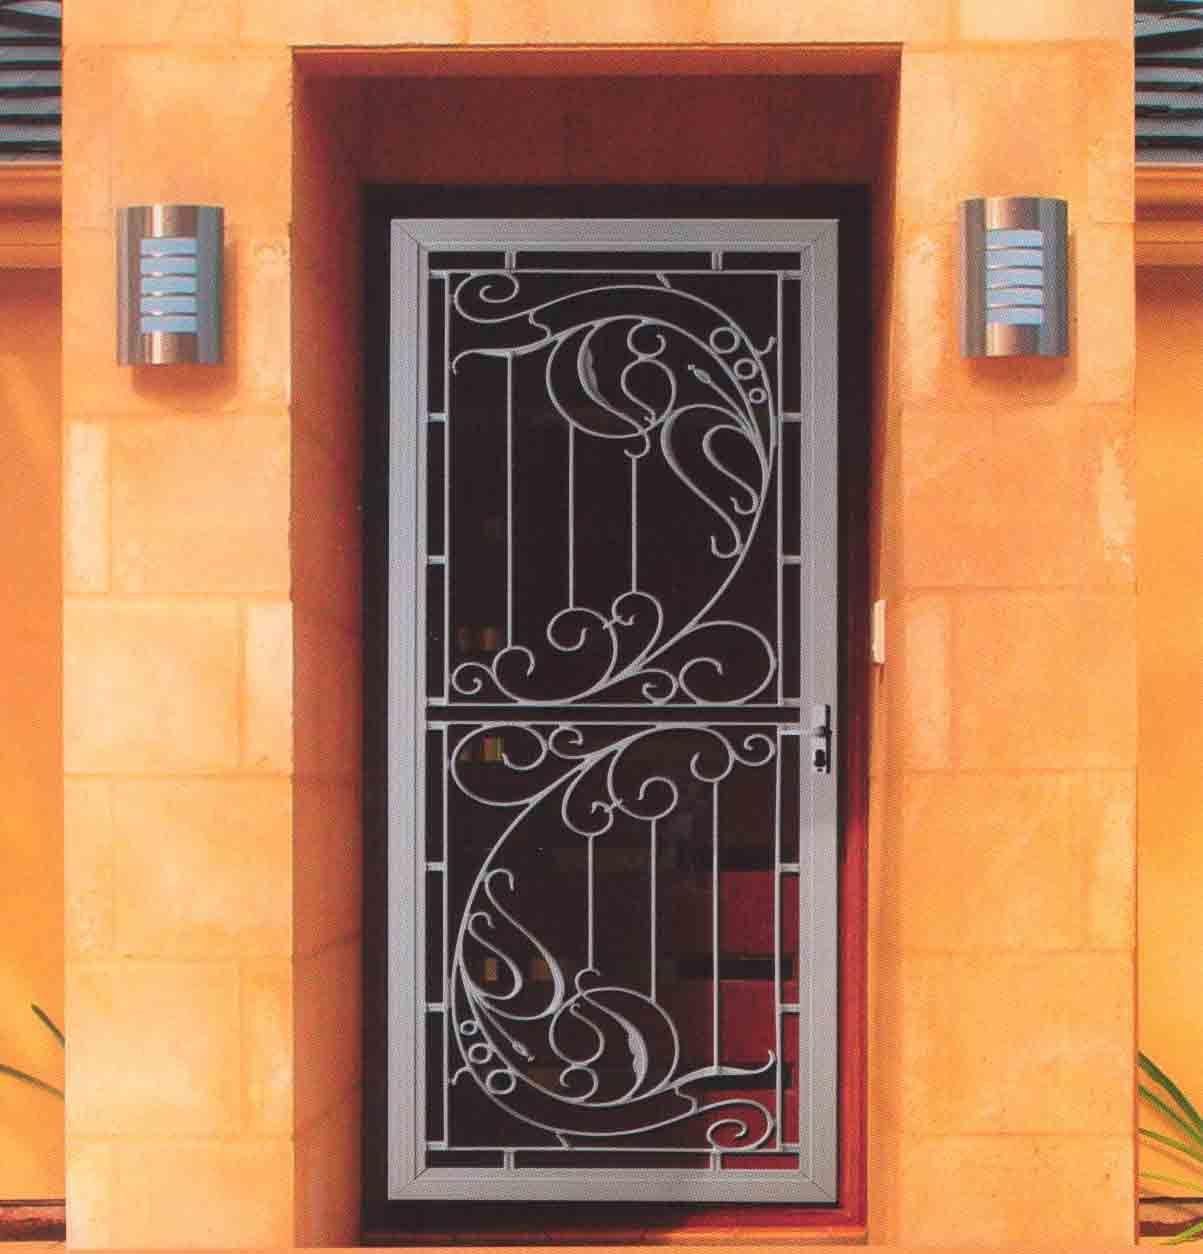 Screen Doors Cdk Screens For All Your Window Door And Screening Solutions Decorative Screen Doors Security Screen Door Iron Doors